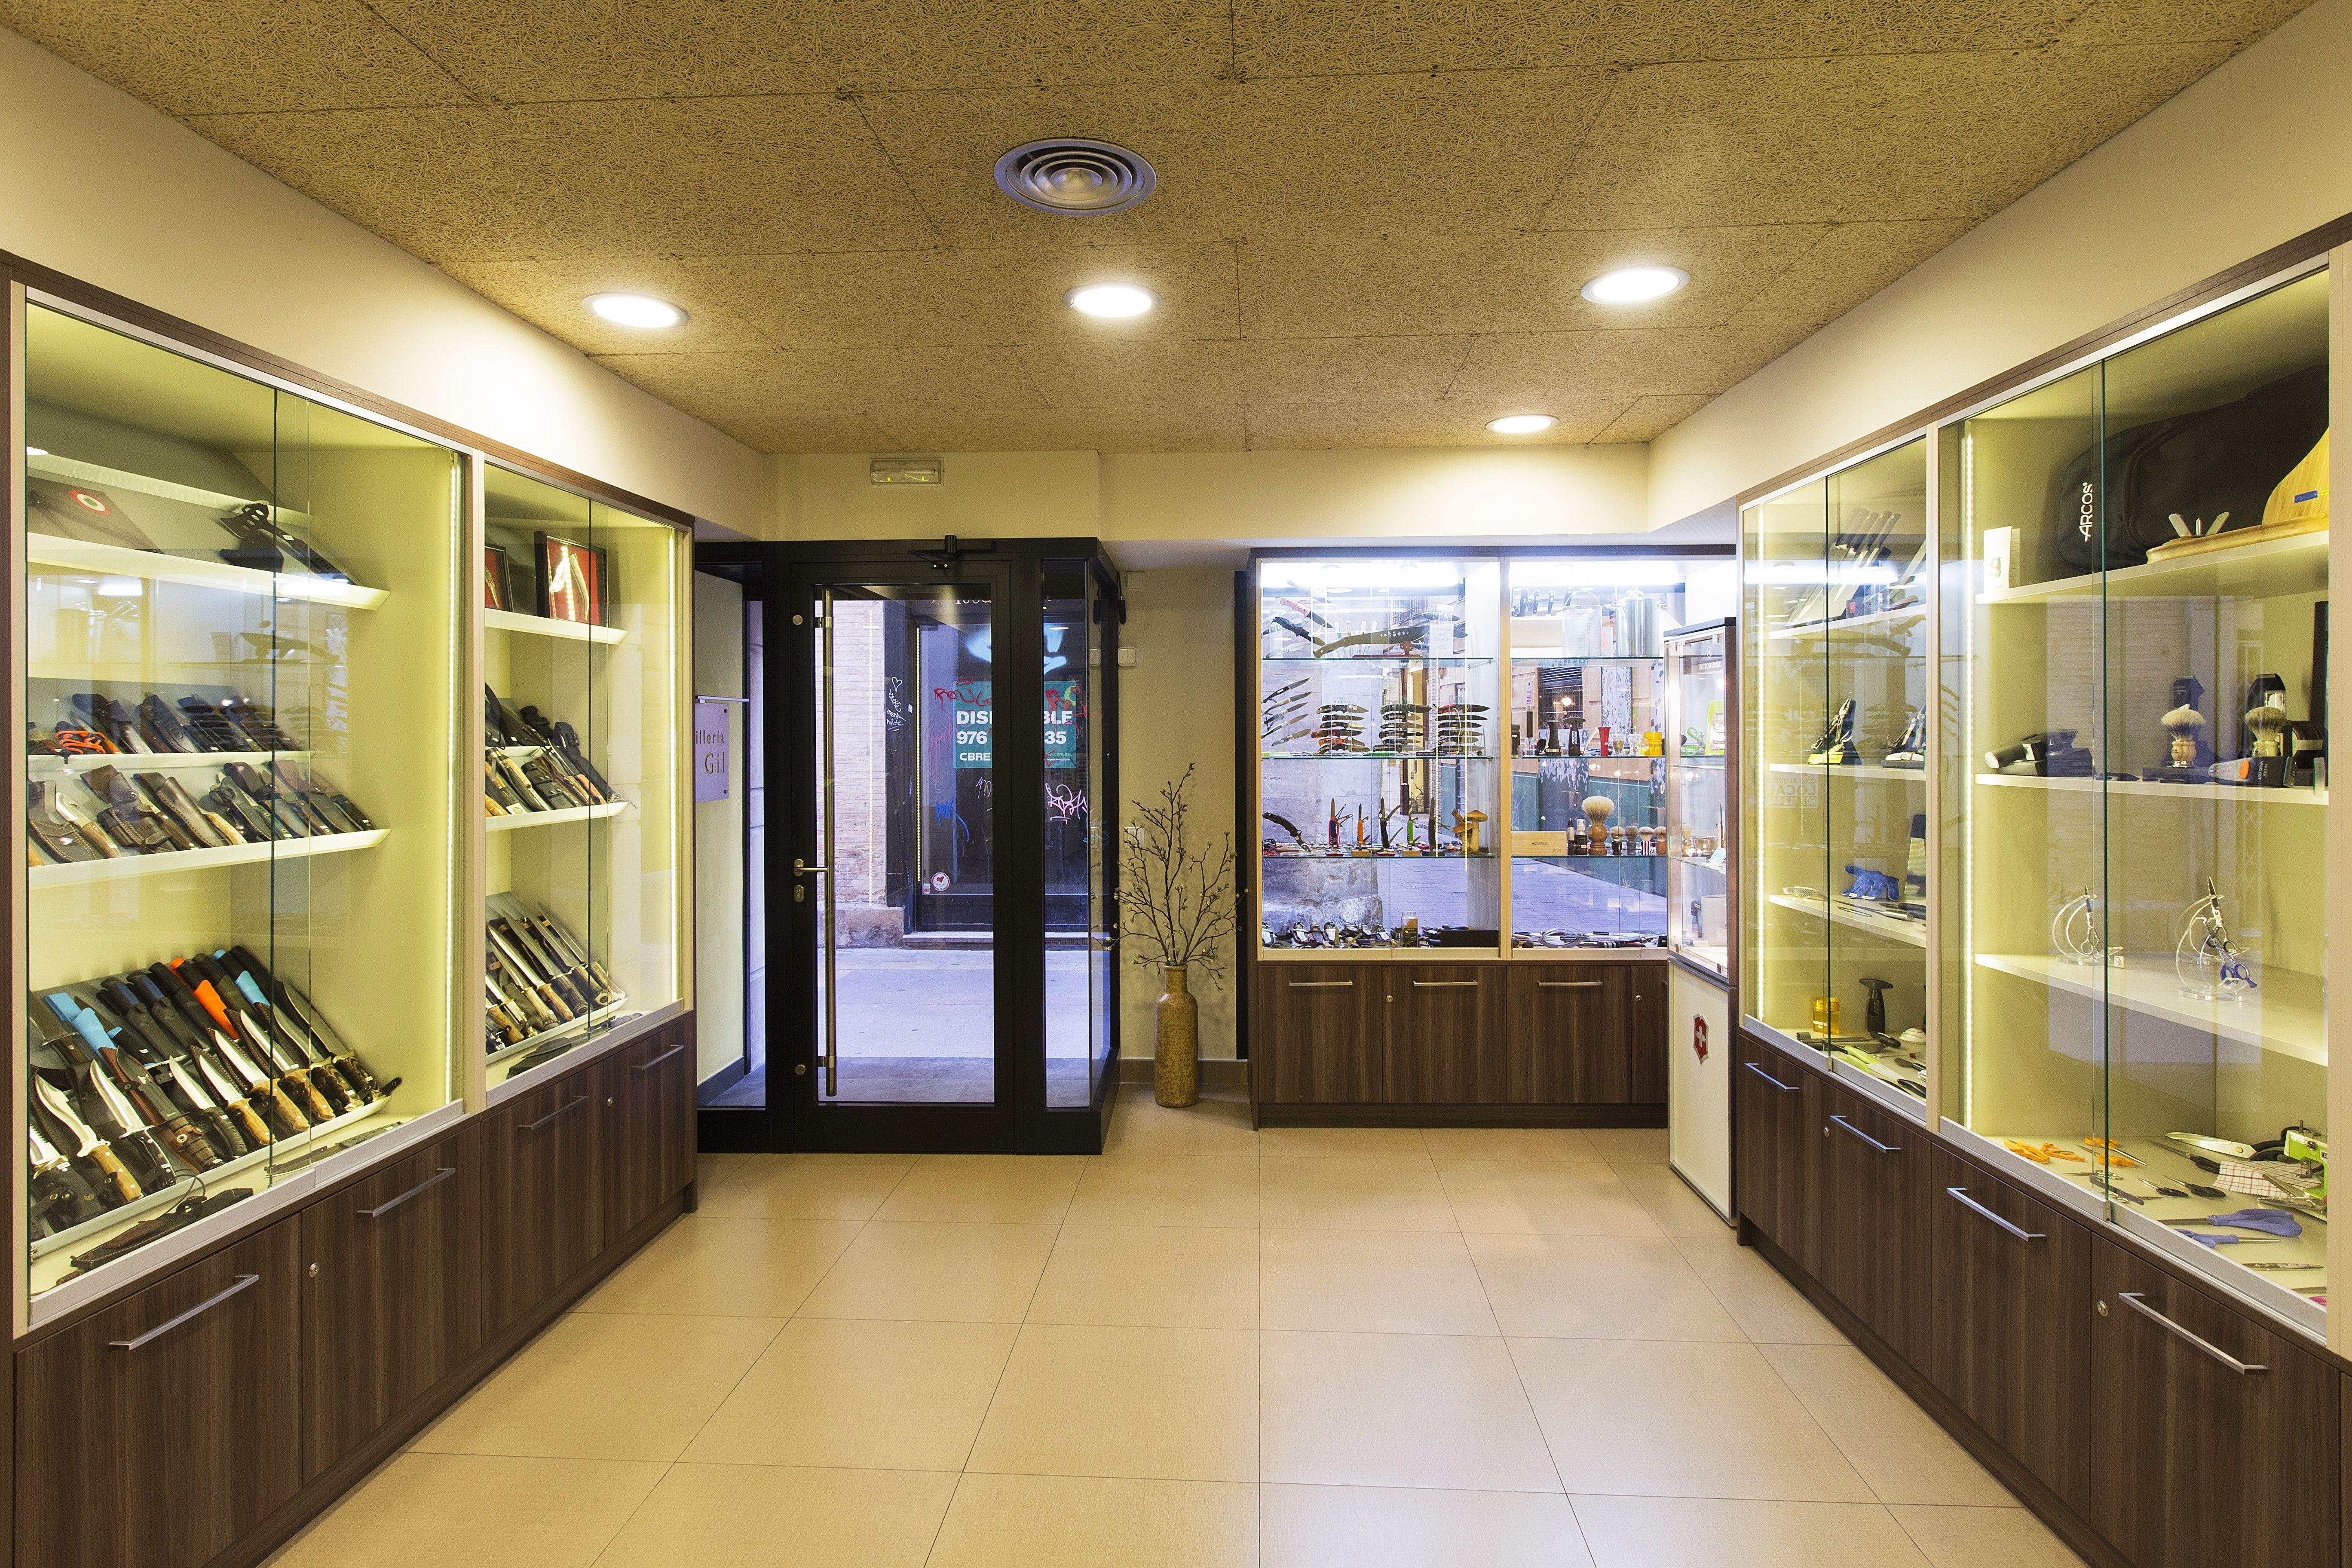 Tienda especializada en la venta y el afilado de cuchillos en Zaragoza